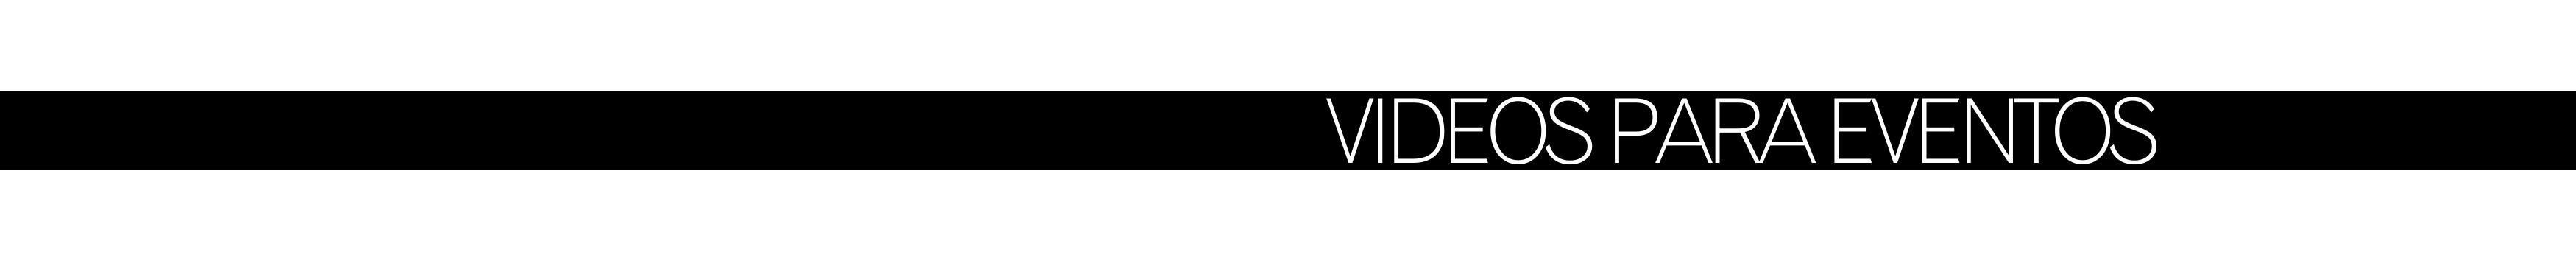 Videos para eventos de empresa y convenciones